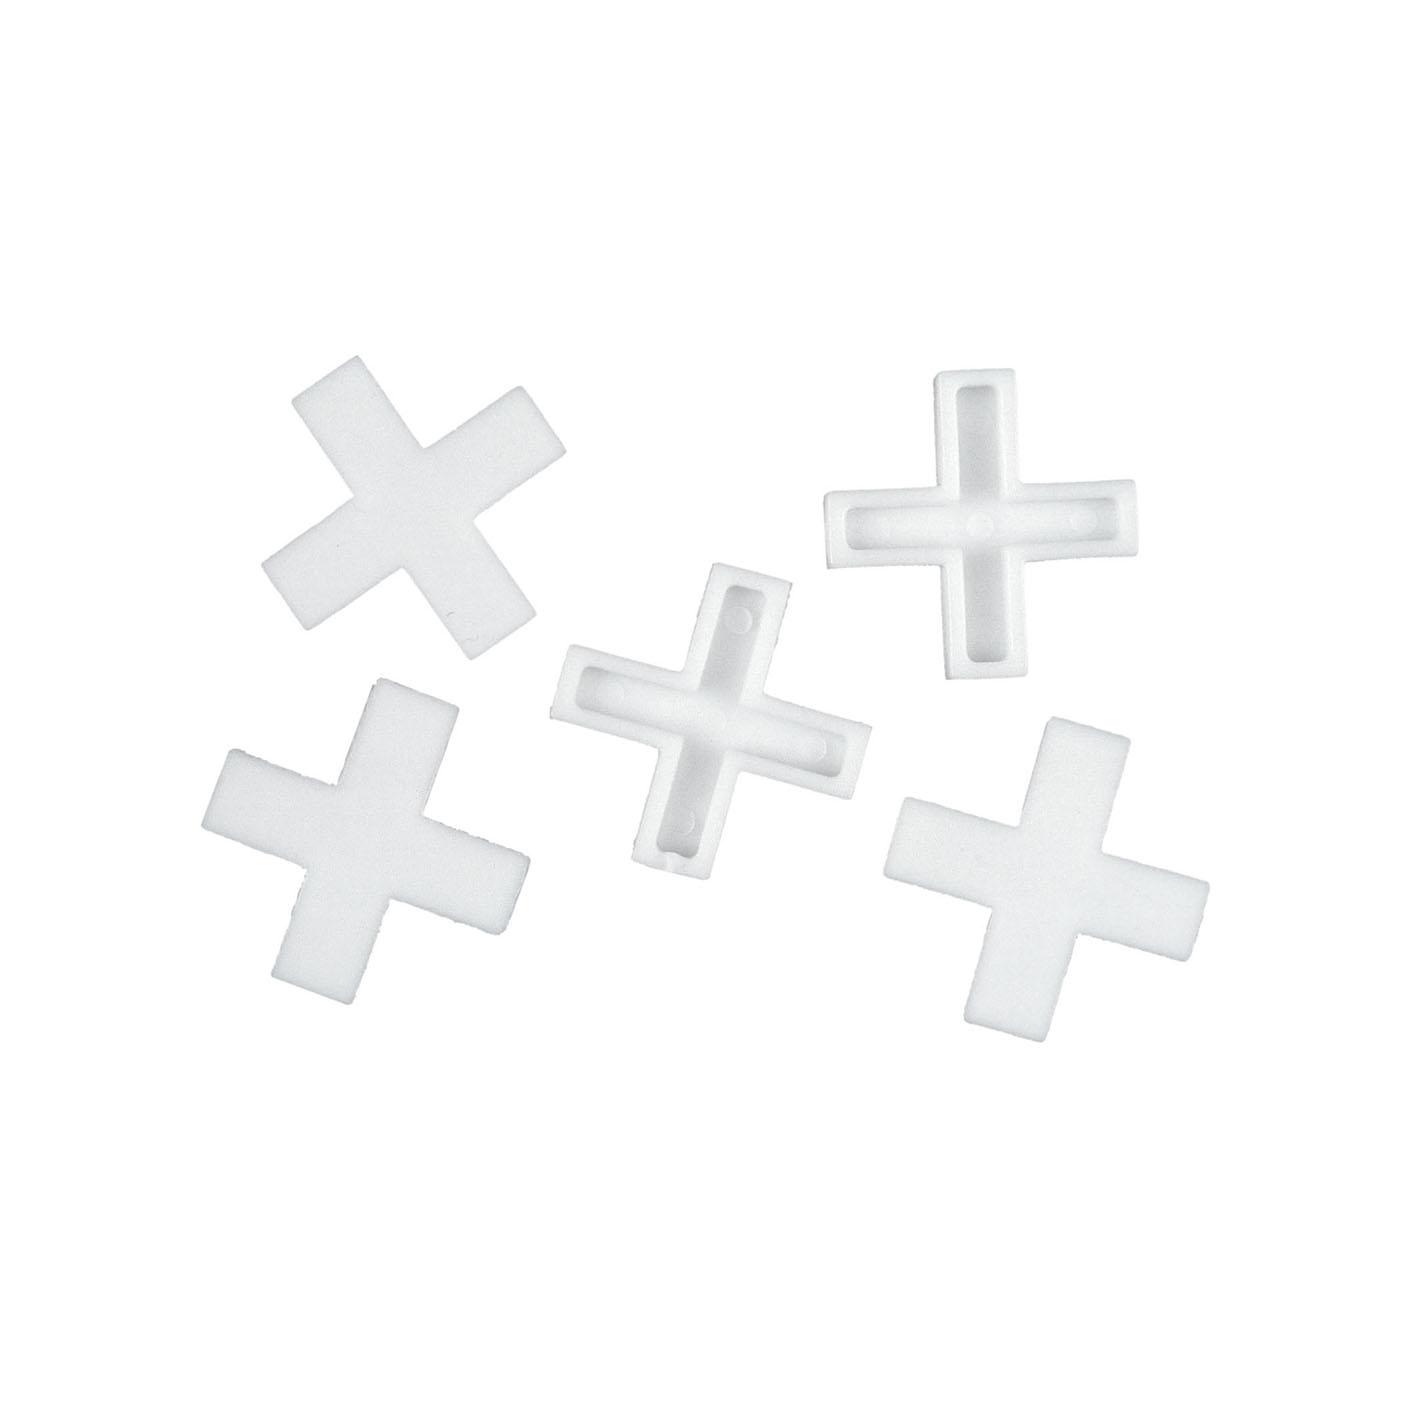 CROCETTExPIASTR. 4MM pz250